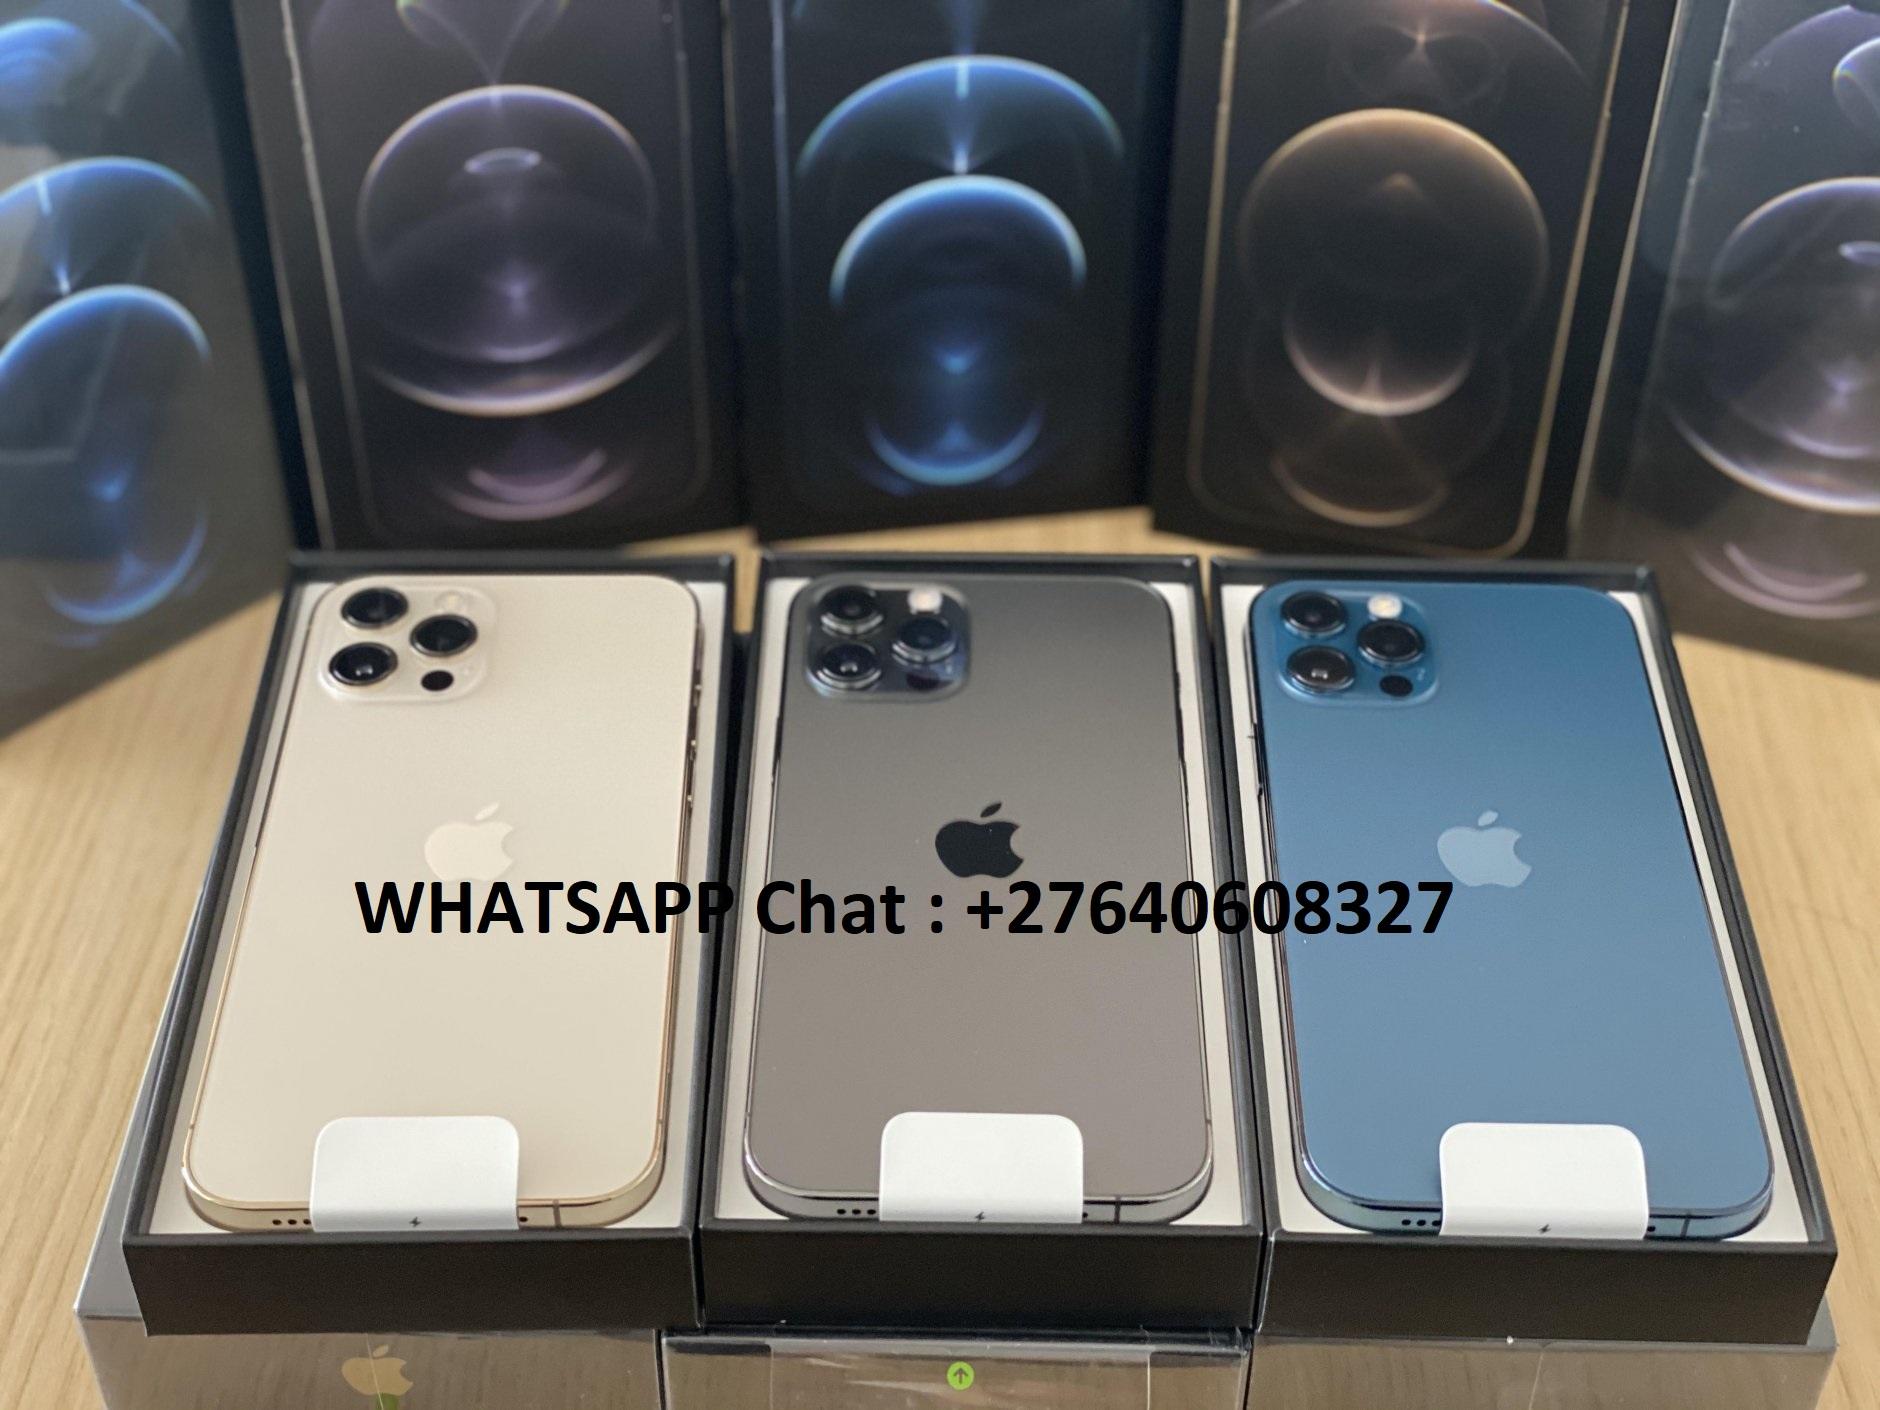 Ogłoszenie darmowe. Lokalizacja:  South Africa. KUPIĘ / SPRZEDAM - Elektronika. hurtowo Apple iPhone 12 Pro.